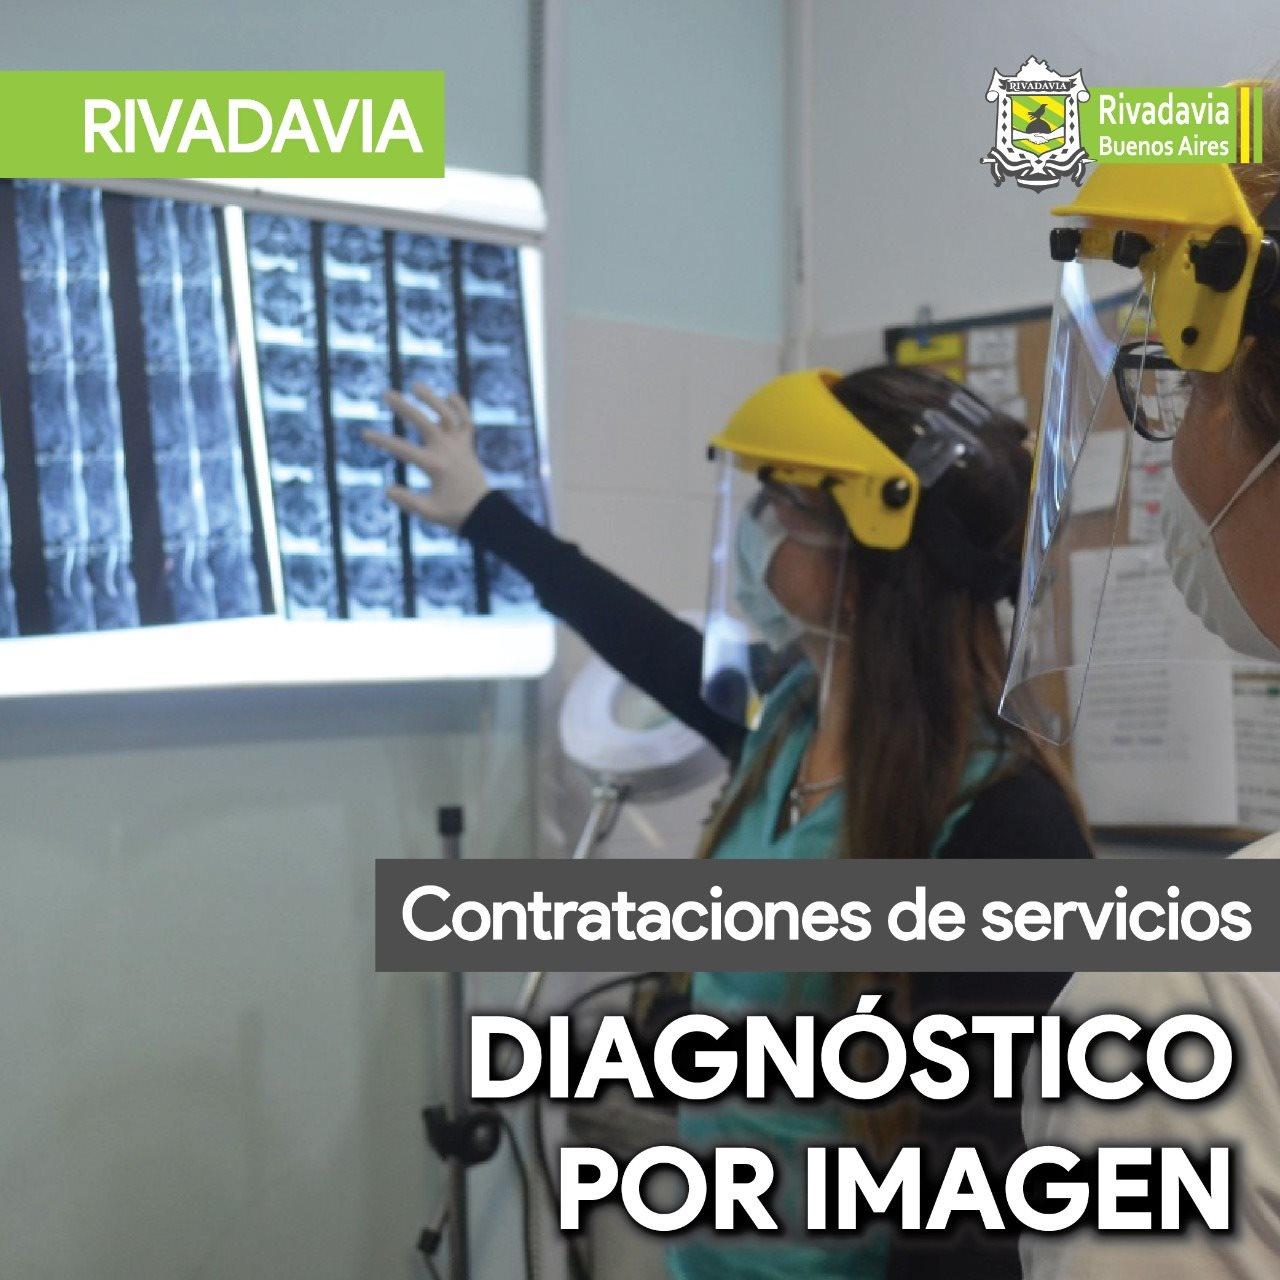 BUSCAMOS PROFESIONAL PARA SERVICIO DE DIAGNÓSTICO POR IMÁGENES